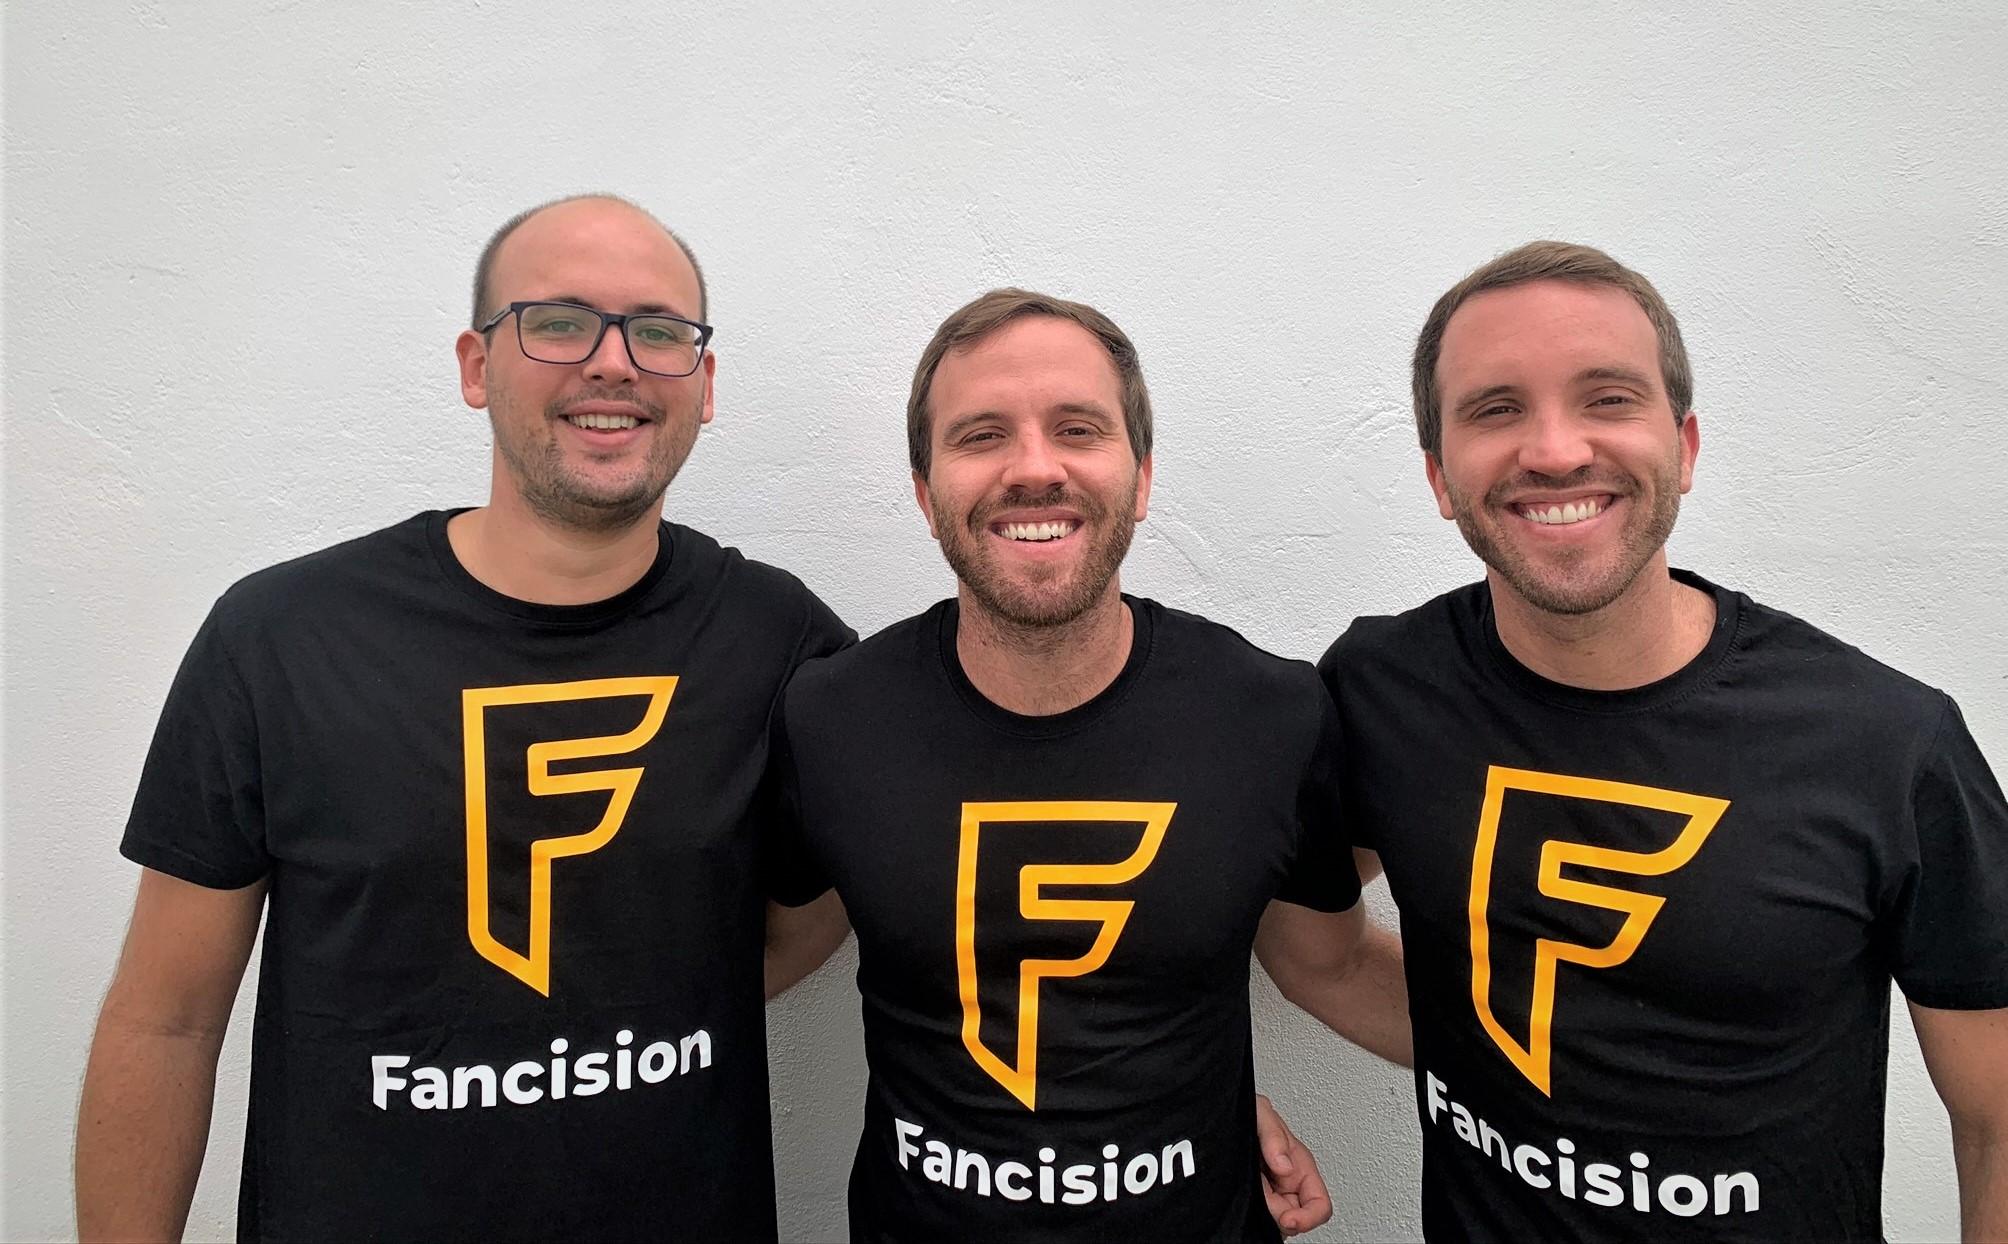 Fancision usa gamificación y blockchain para monetizar a los aficionados del fútbol, y de esta forma ayudamos a los clubes a mejorar sus ingresos